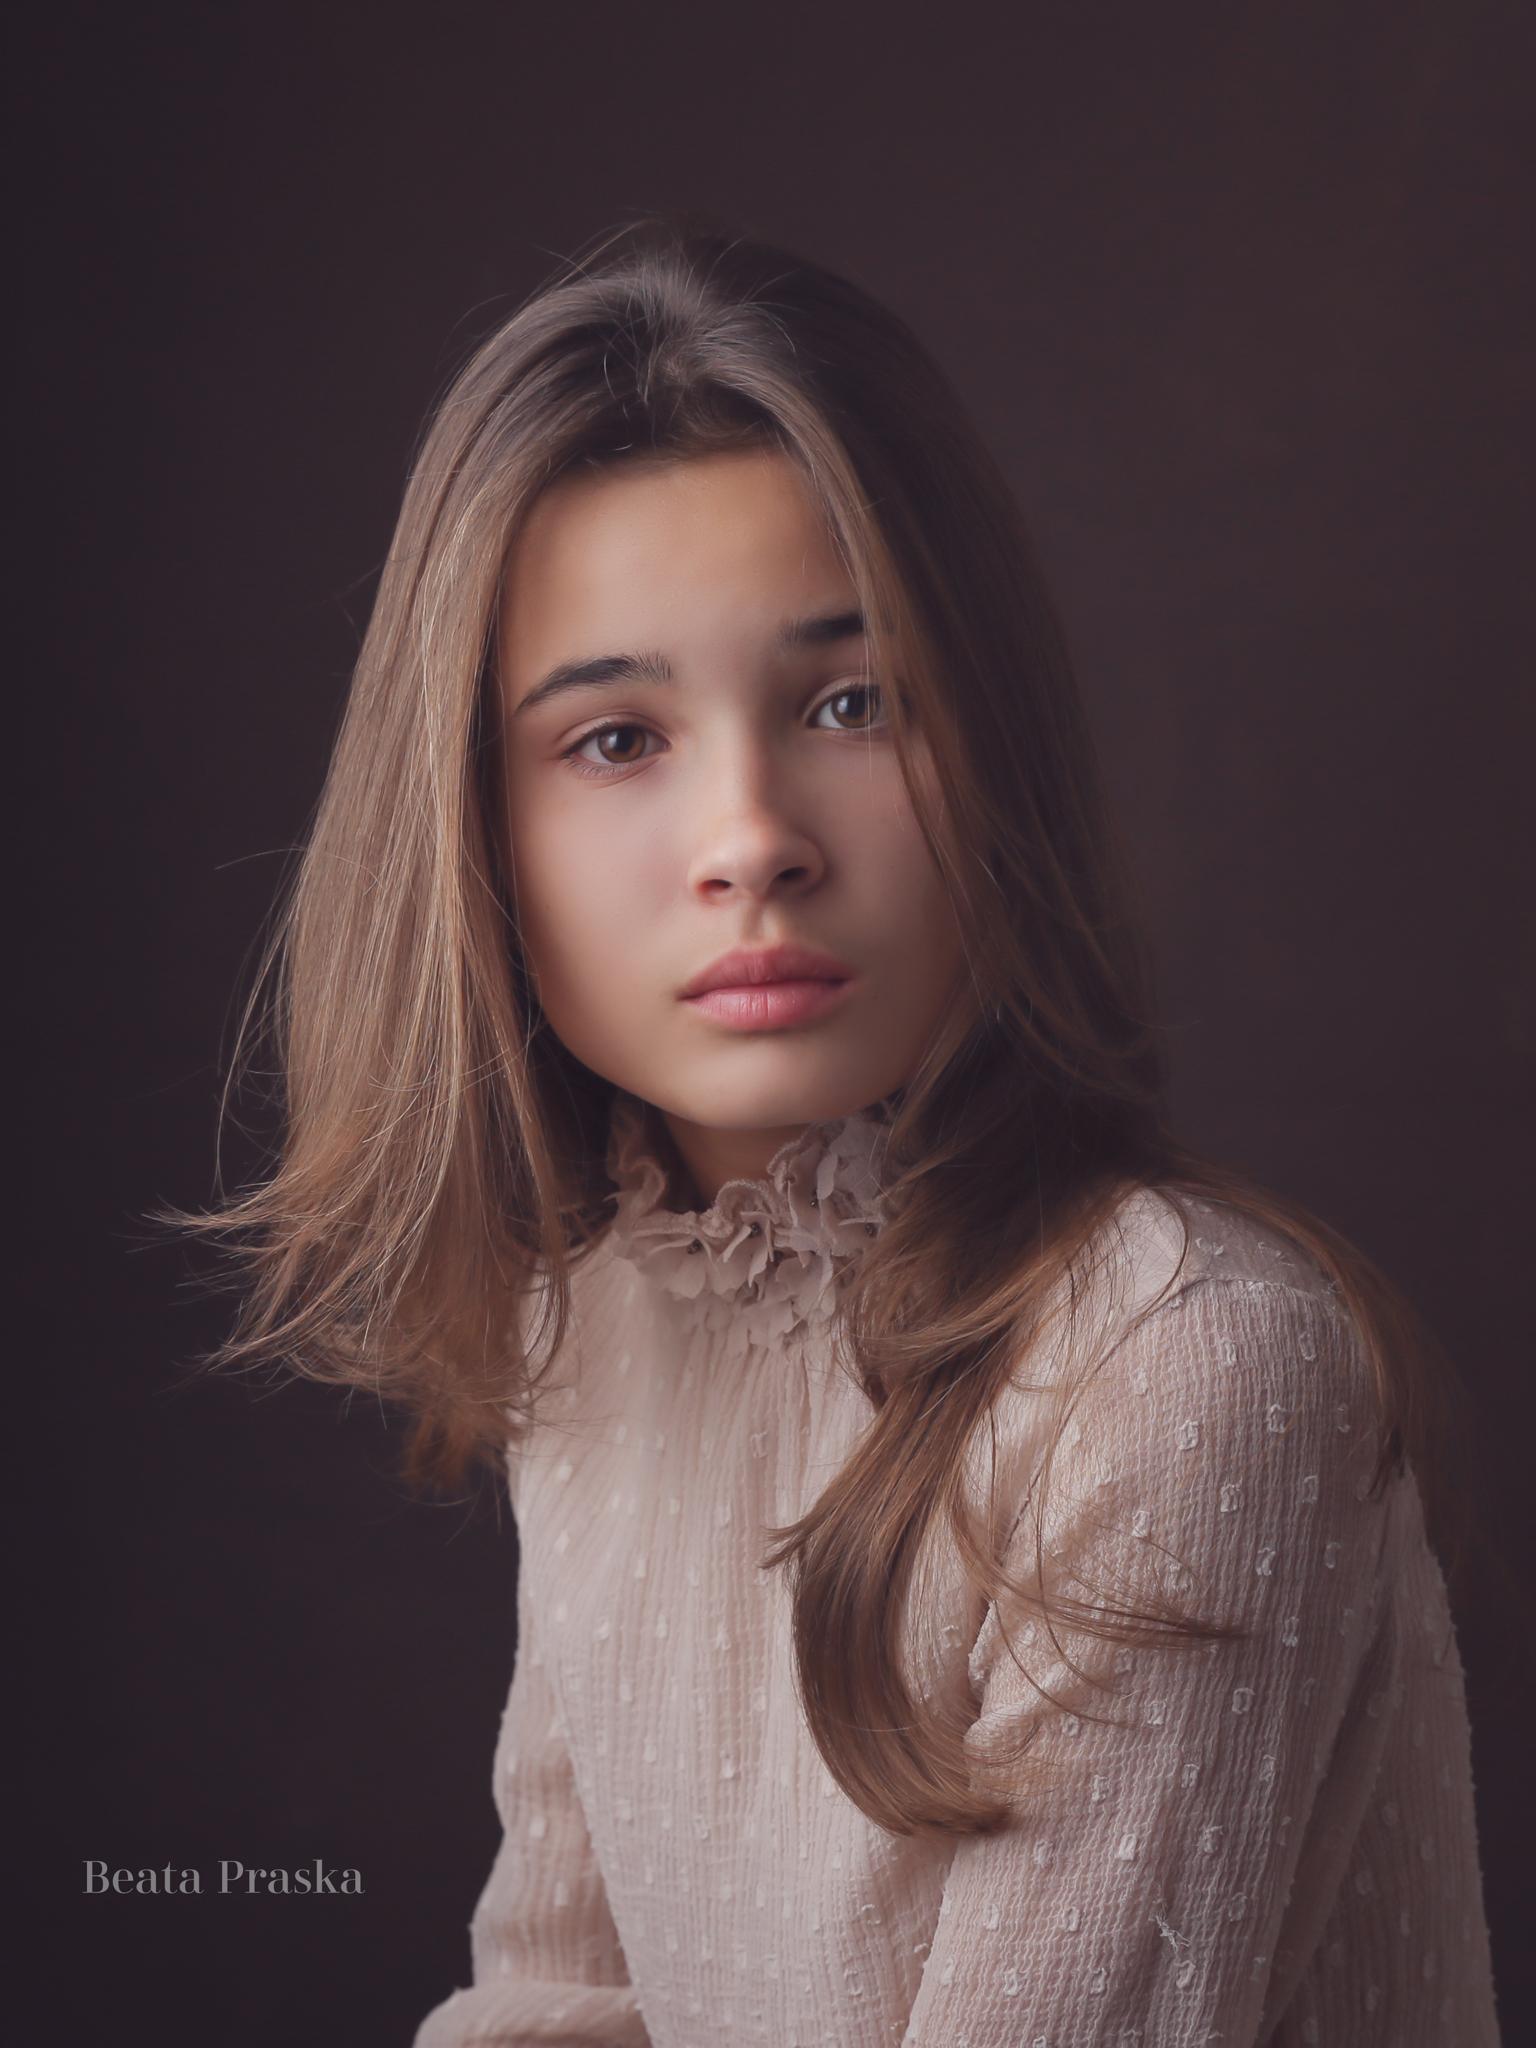 fotografia infantil en madrid